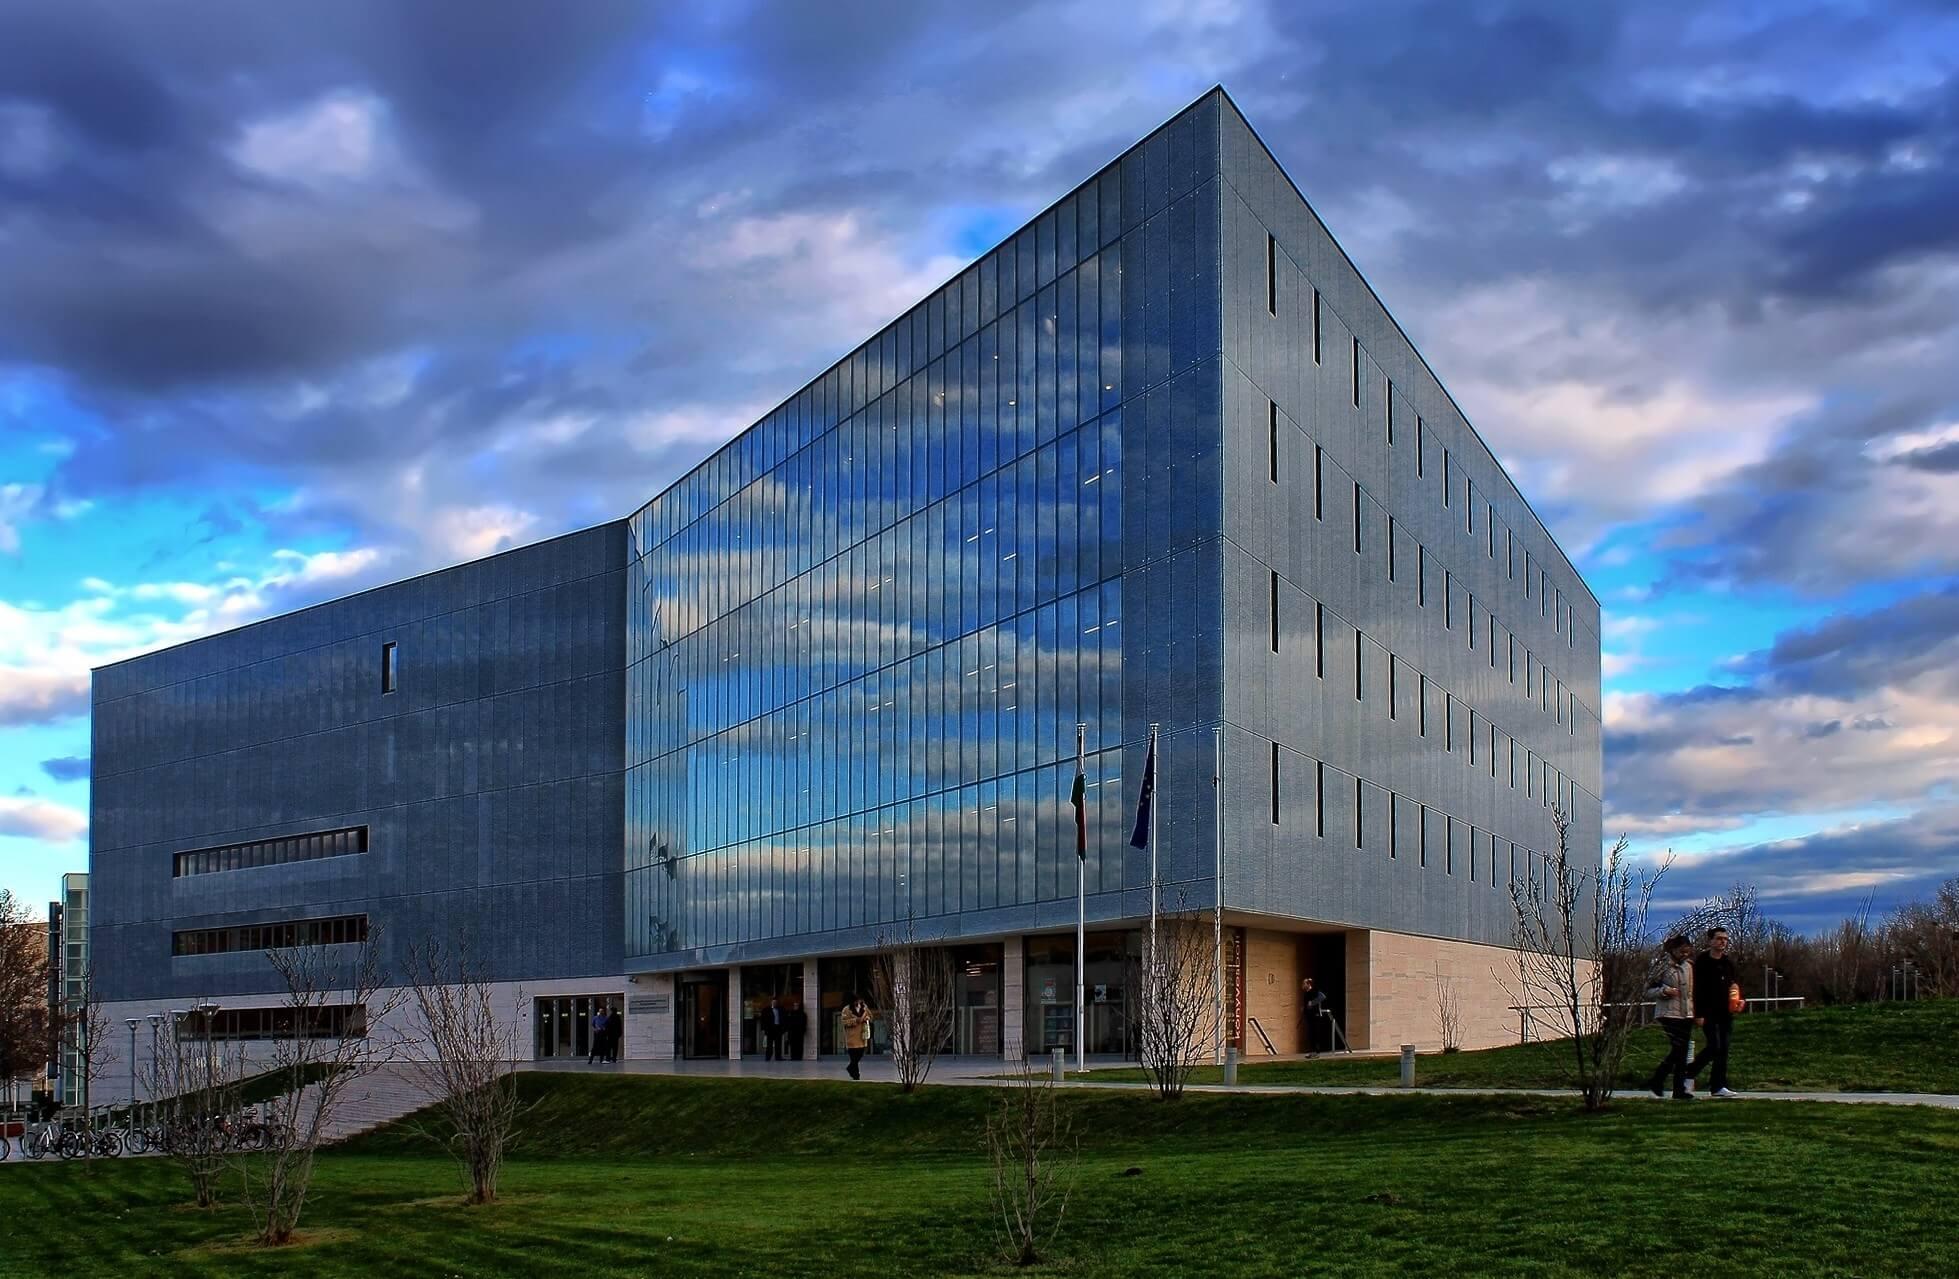 Az új fővárosi tudáspark az egészségügyi kutatásokat fogja szolgálni